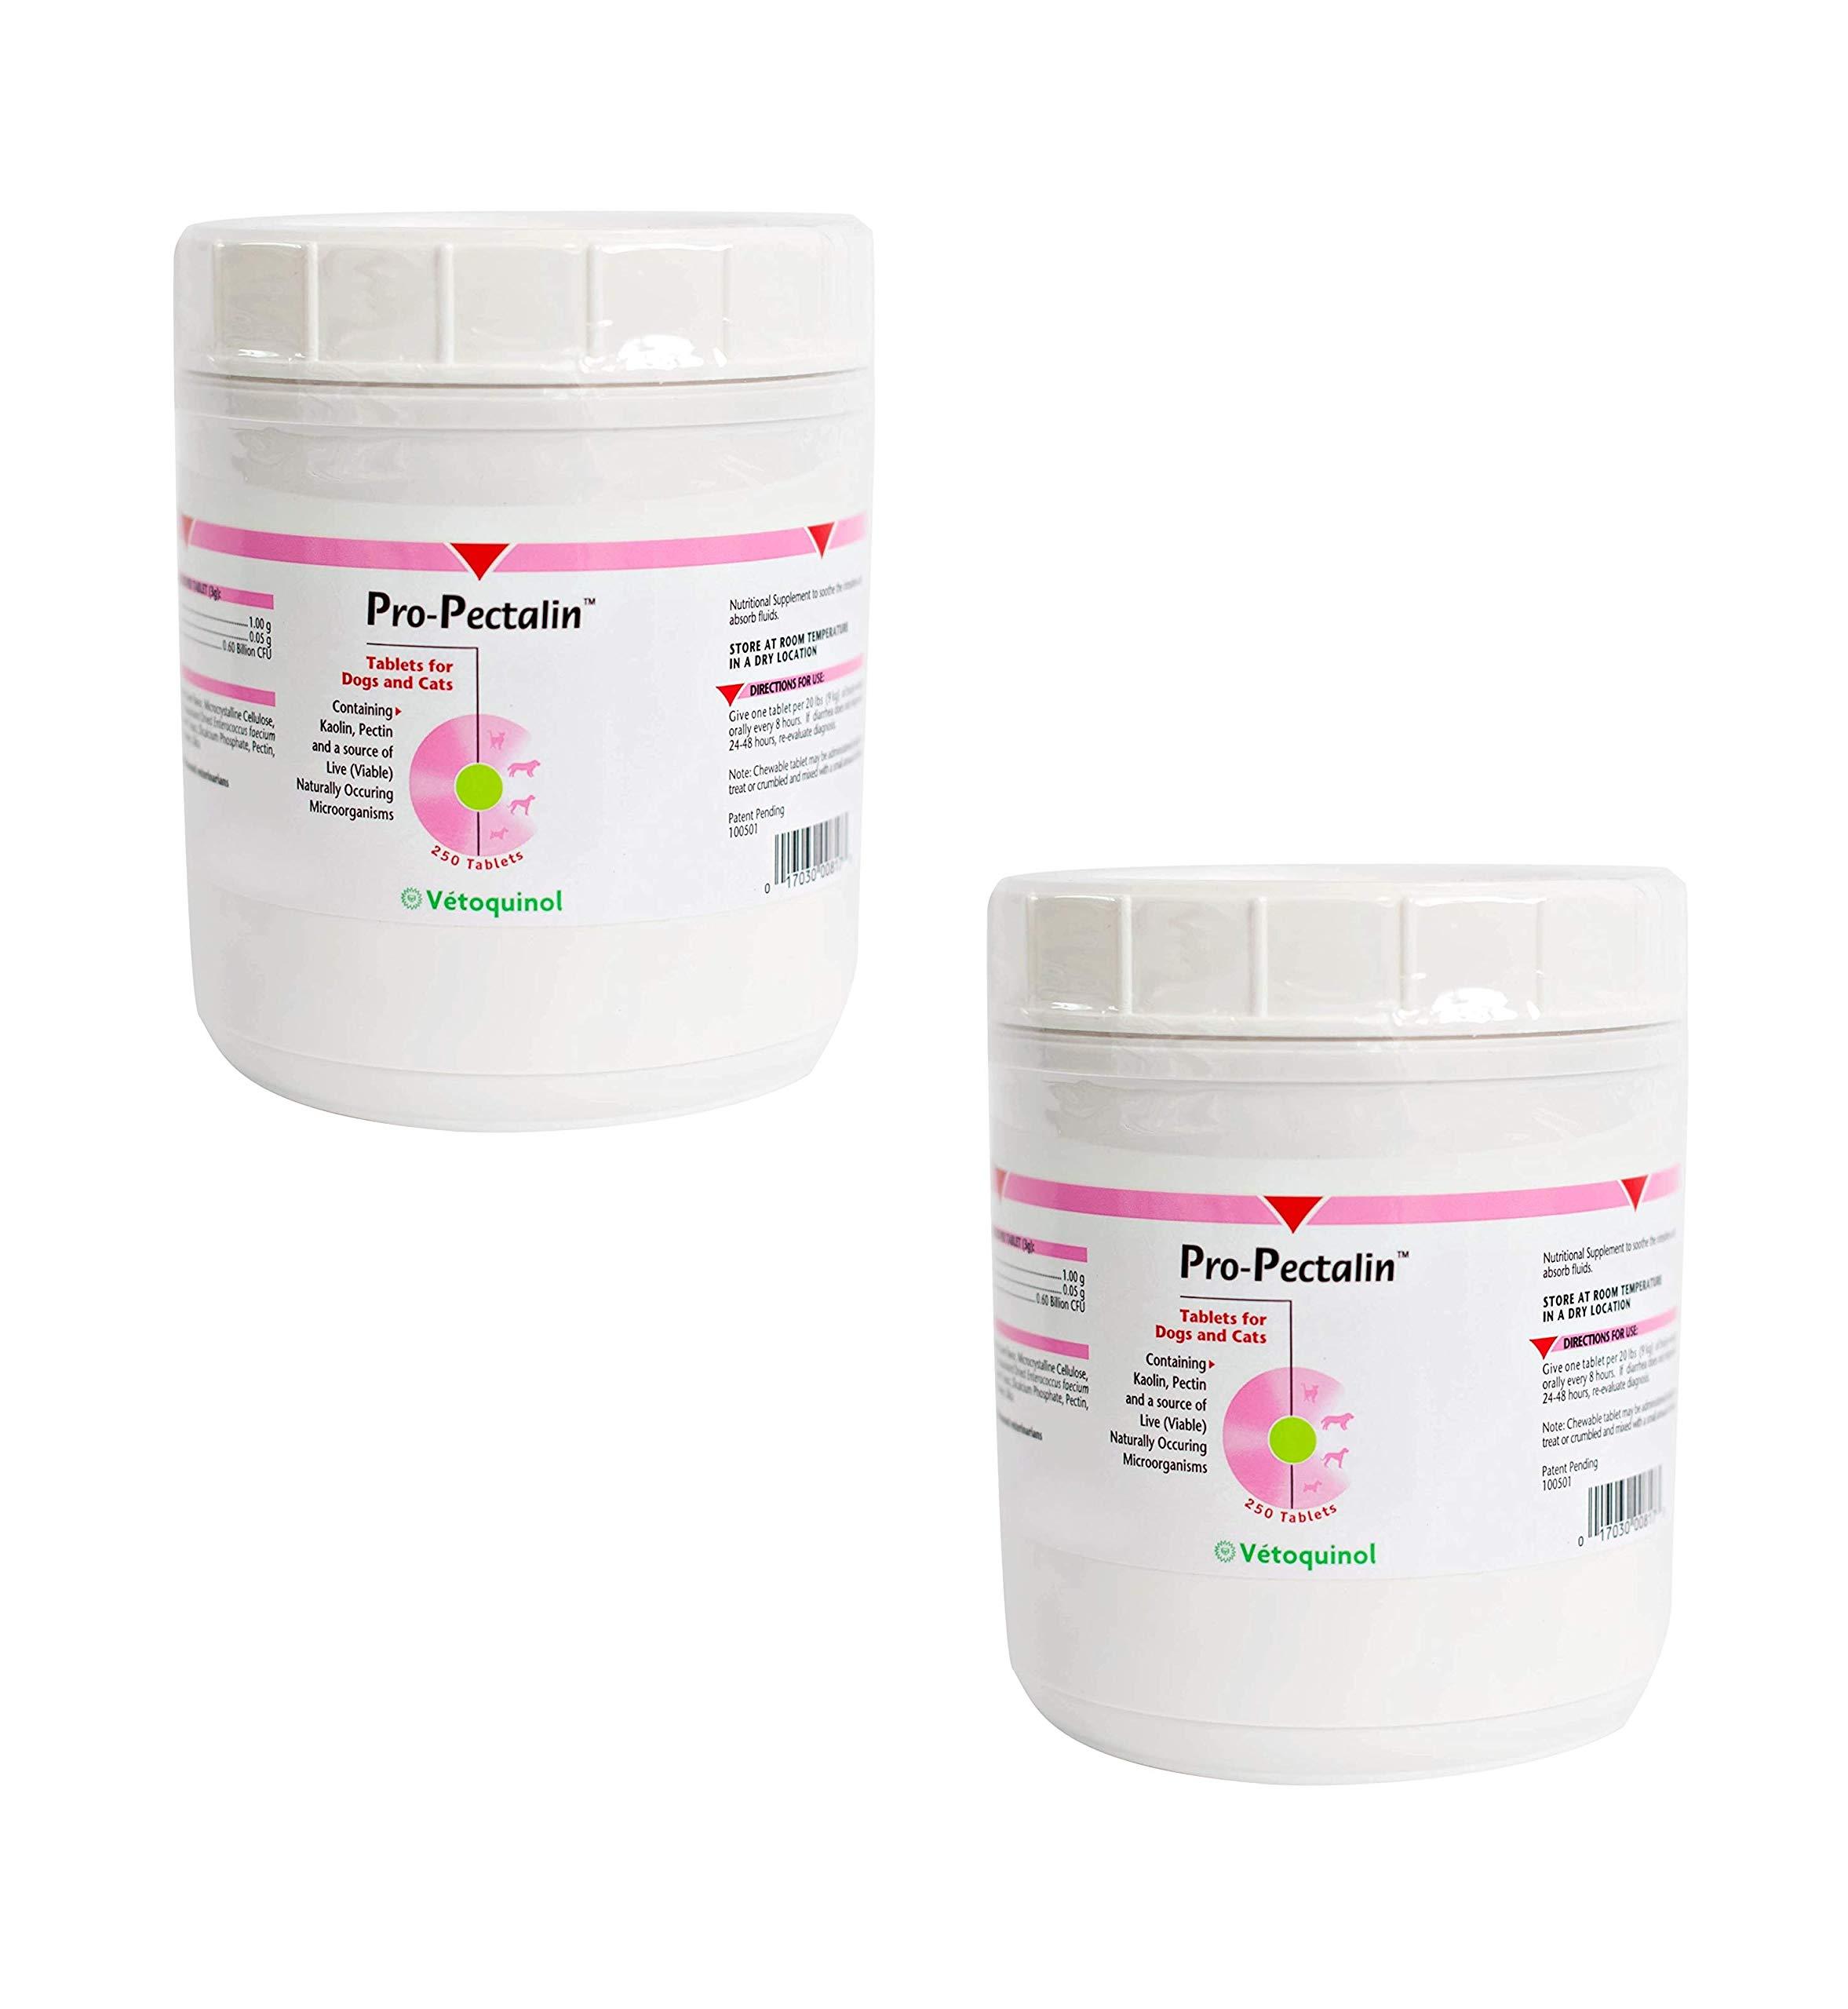 Vetoquinol 410817 Pro-Pectalin,250 ct (2 Pack)